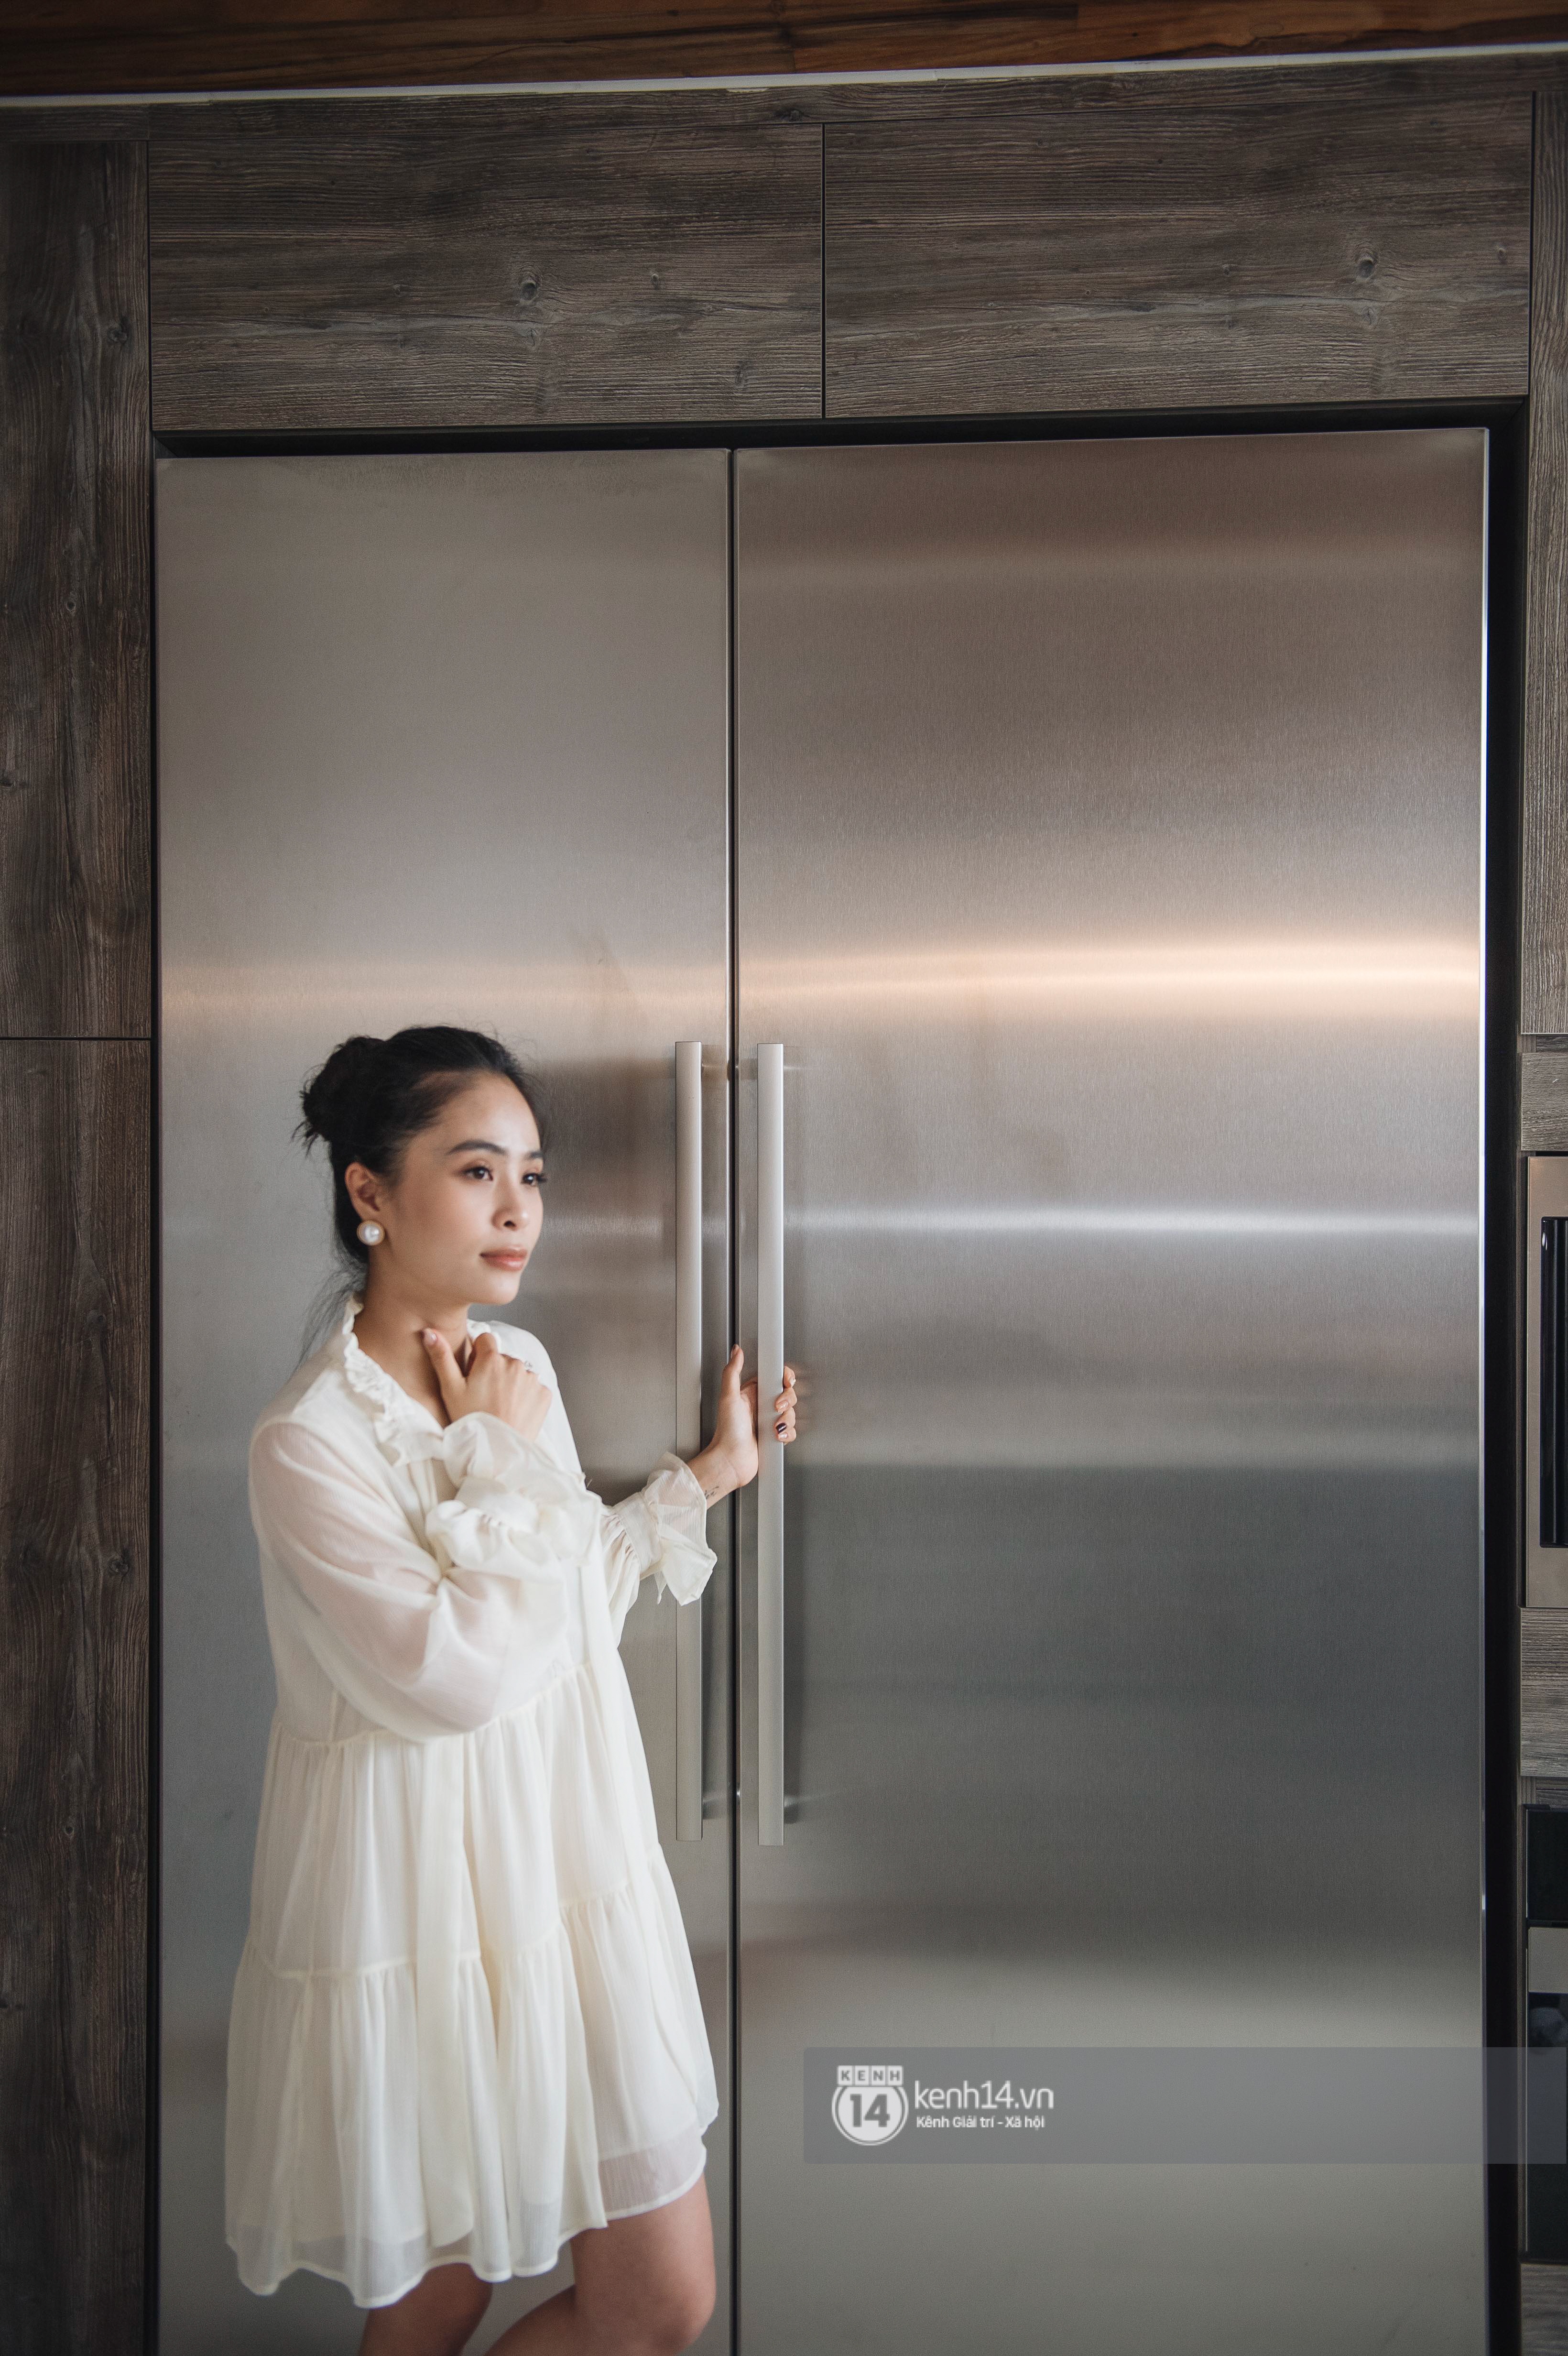 Đồ gia dụng nhà ca nương Kiều Anh quá đỉnh: Máy hút mùi ẩn hiện, tủ lạnh cũng phải ghép riêng 2 chiếc hơn 400 triệu - Ảnh 9.